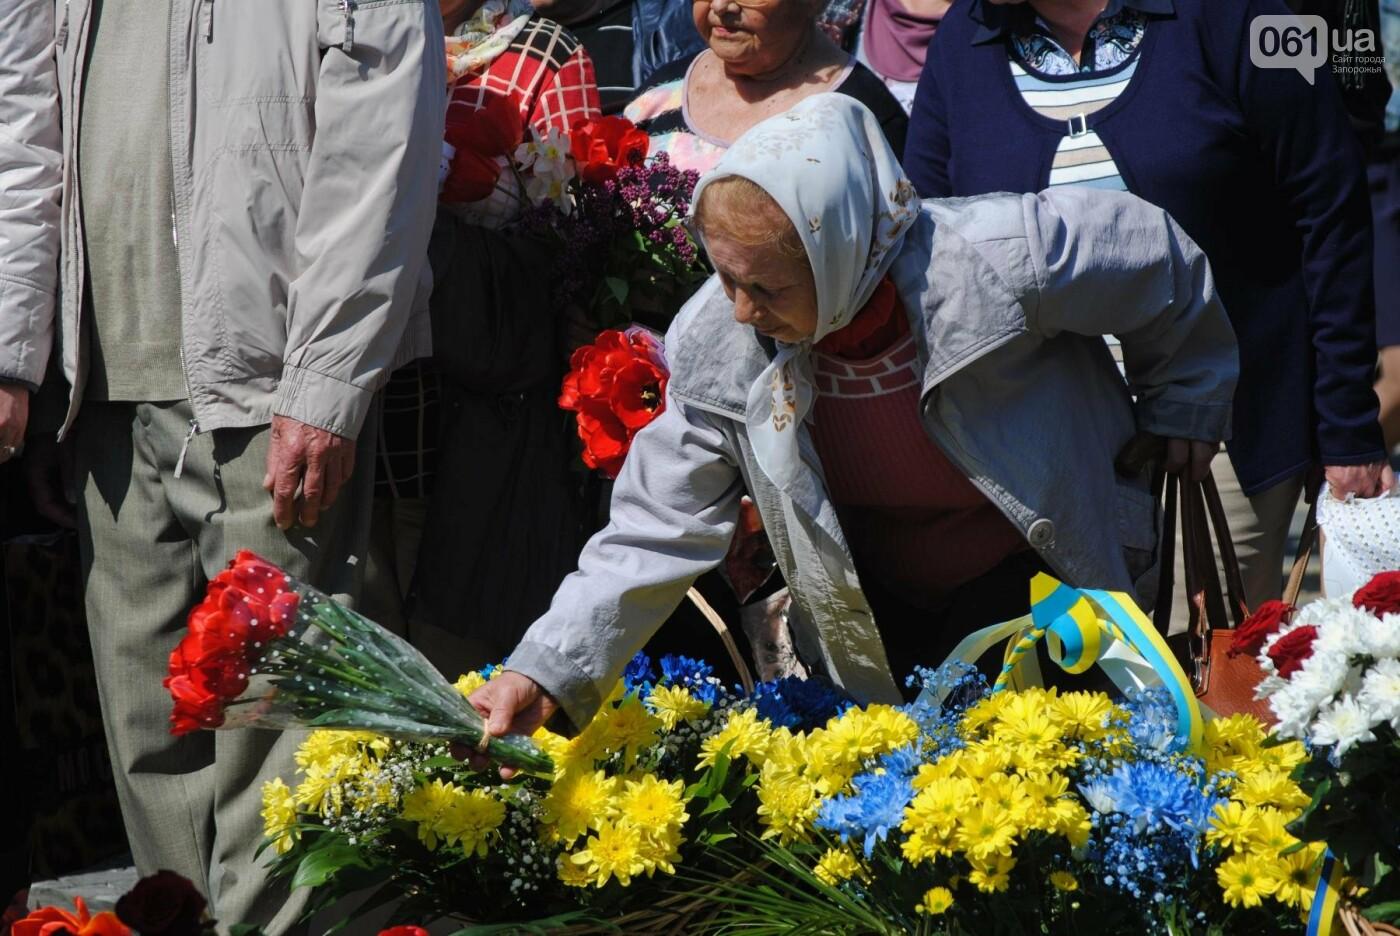 """""""Что сделано, то сделано"""": в Запорожье открыли недостроенный памятник чернобыльцам, - ФОТОРЕПОРТАЖ, фото-34"""